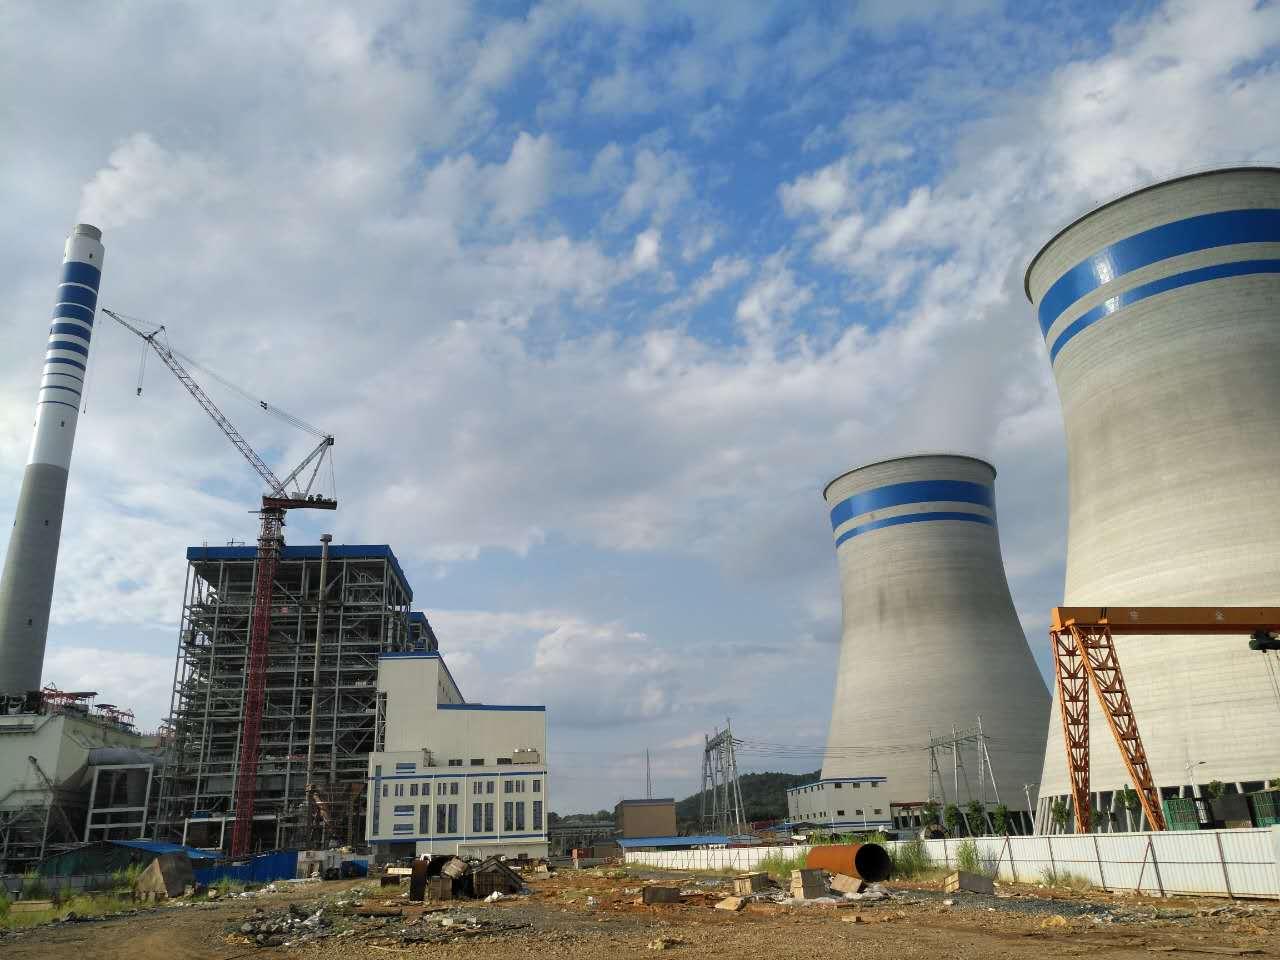 粵華韶關2×350MW發電項目2號機組安裝項目